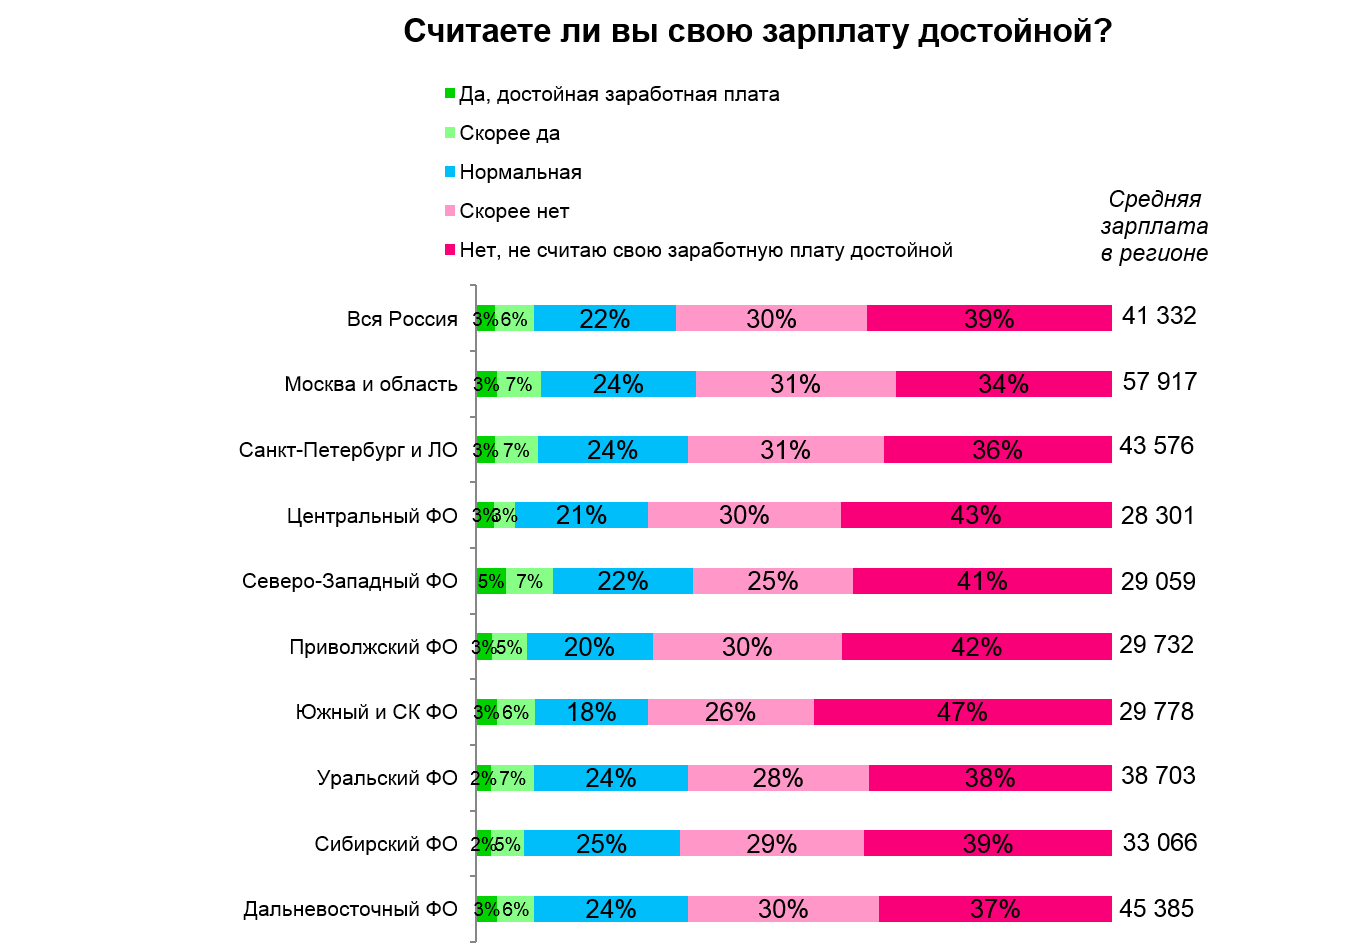 зарплата фотомодели в среднем по россии неоднократно пытался наладить